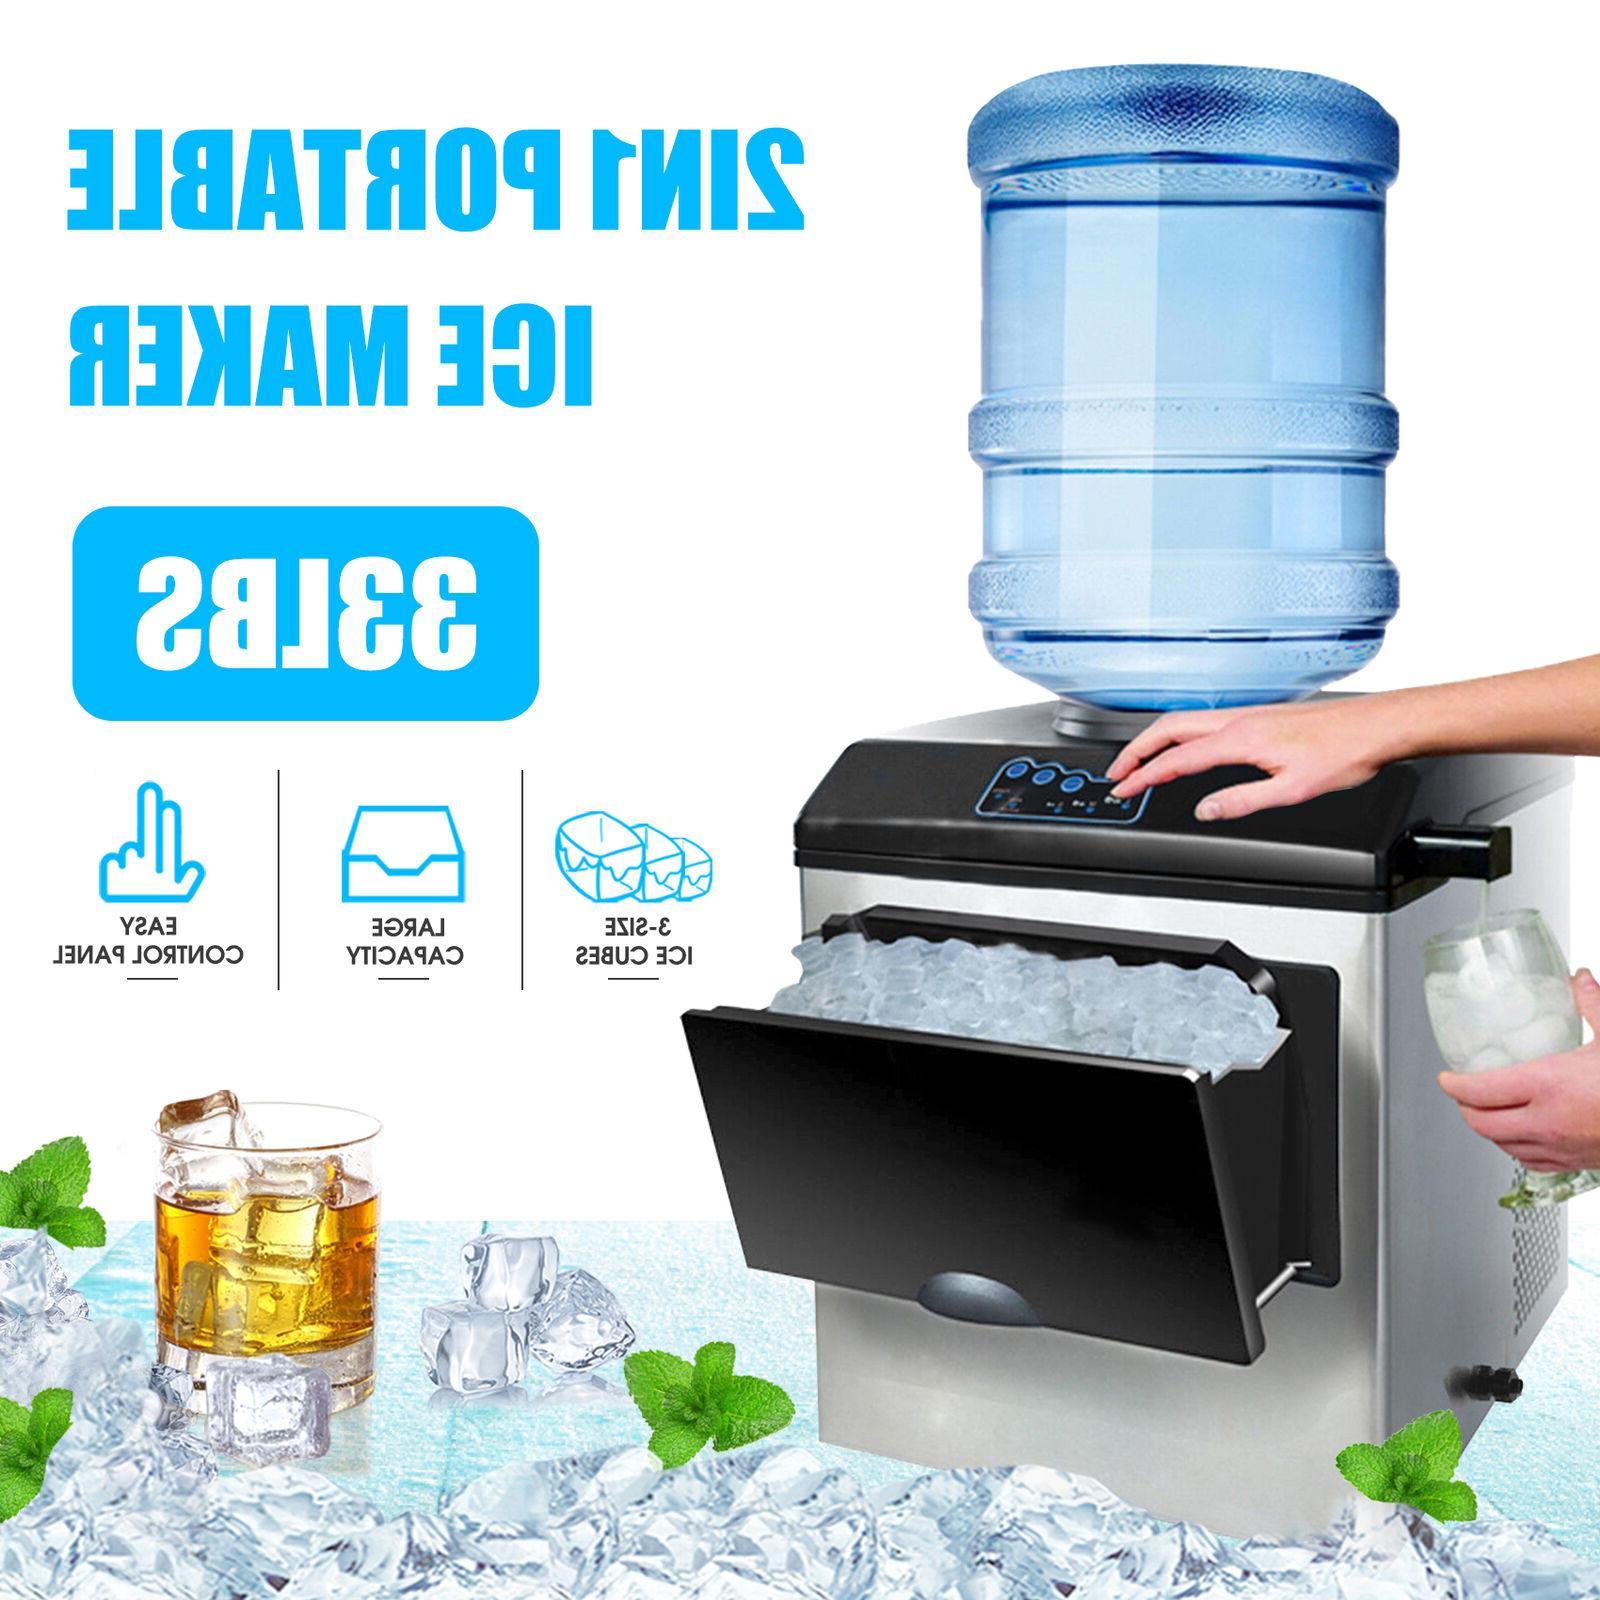 5 gallon water dispenser w 40lbs built